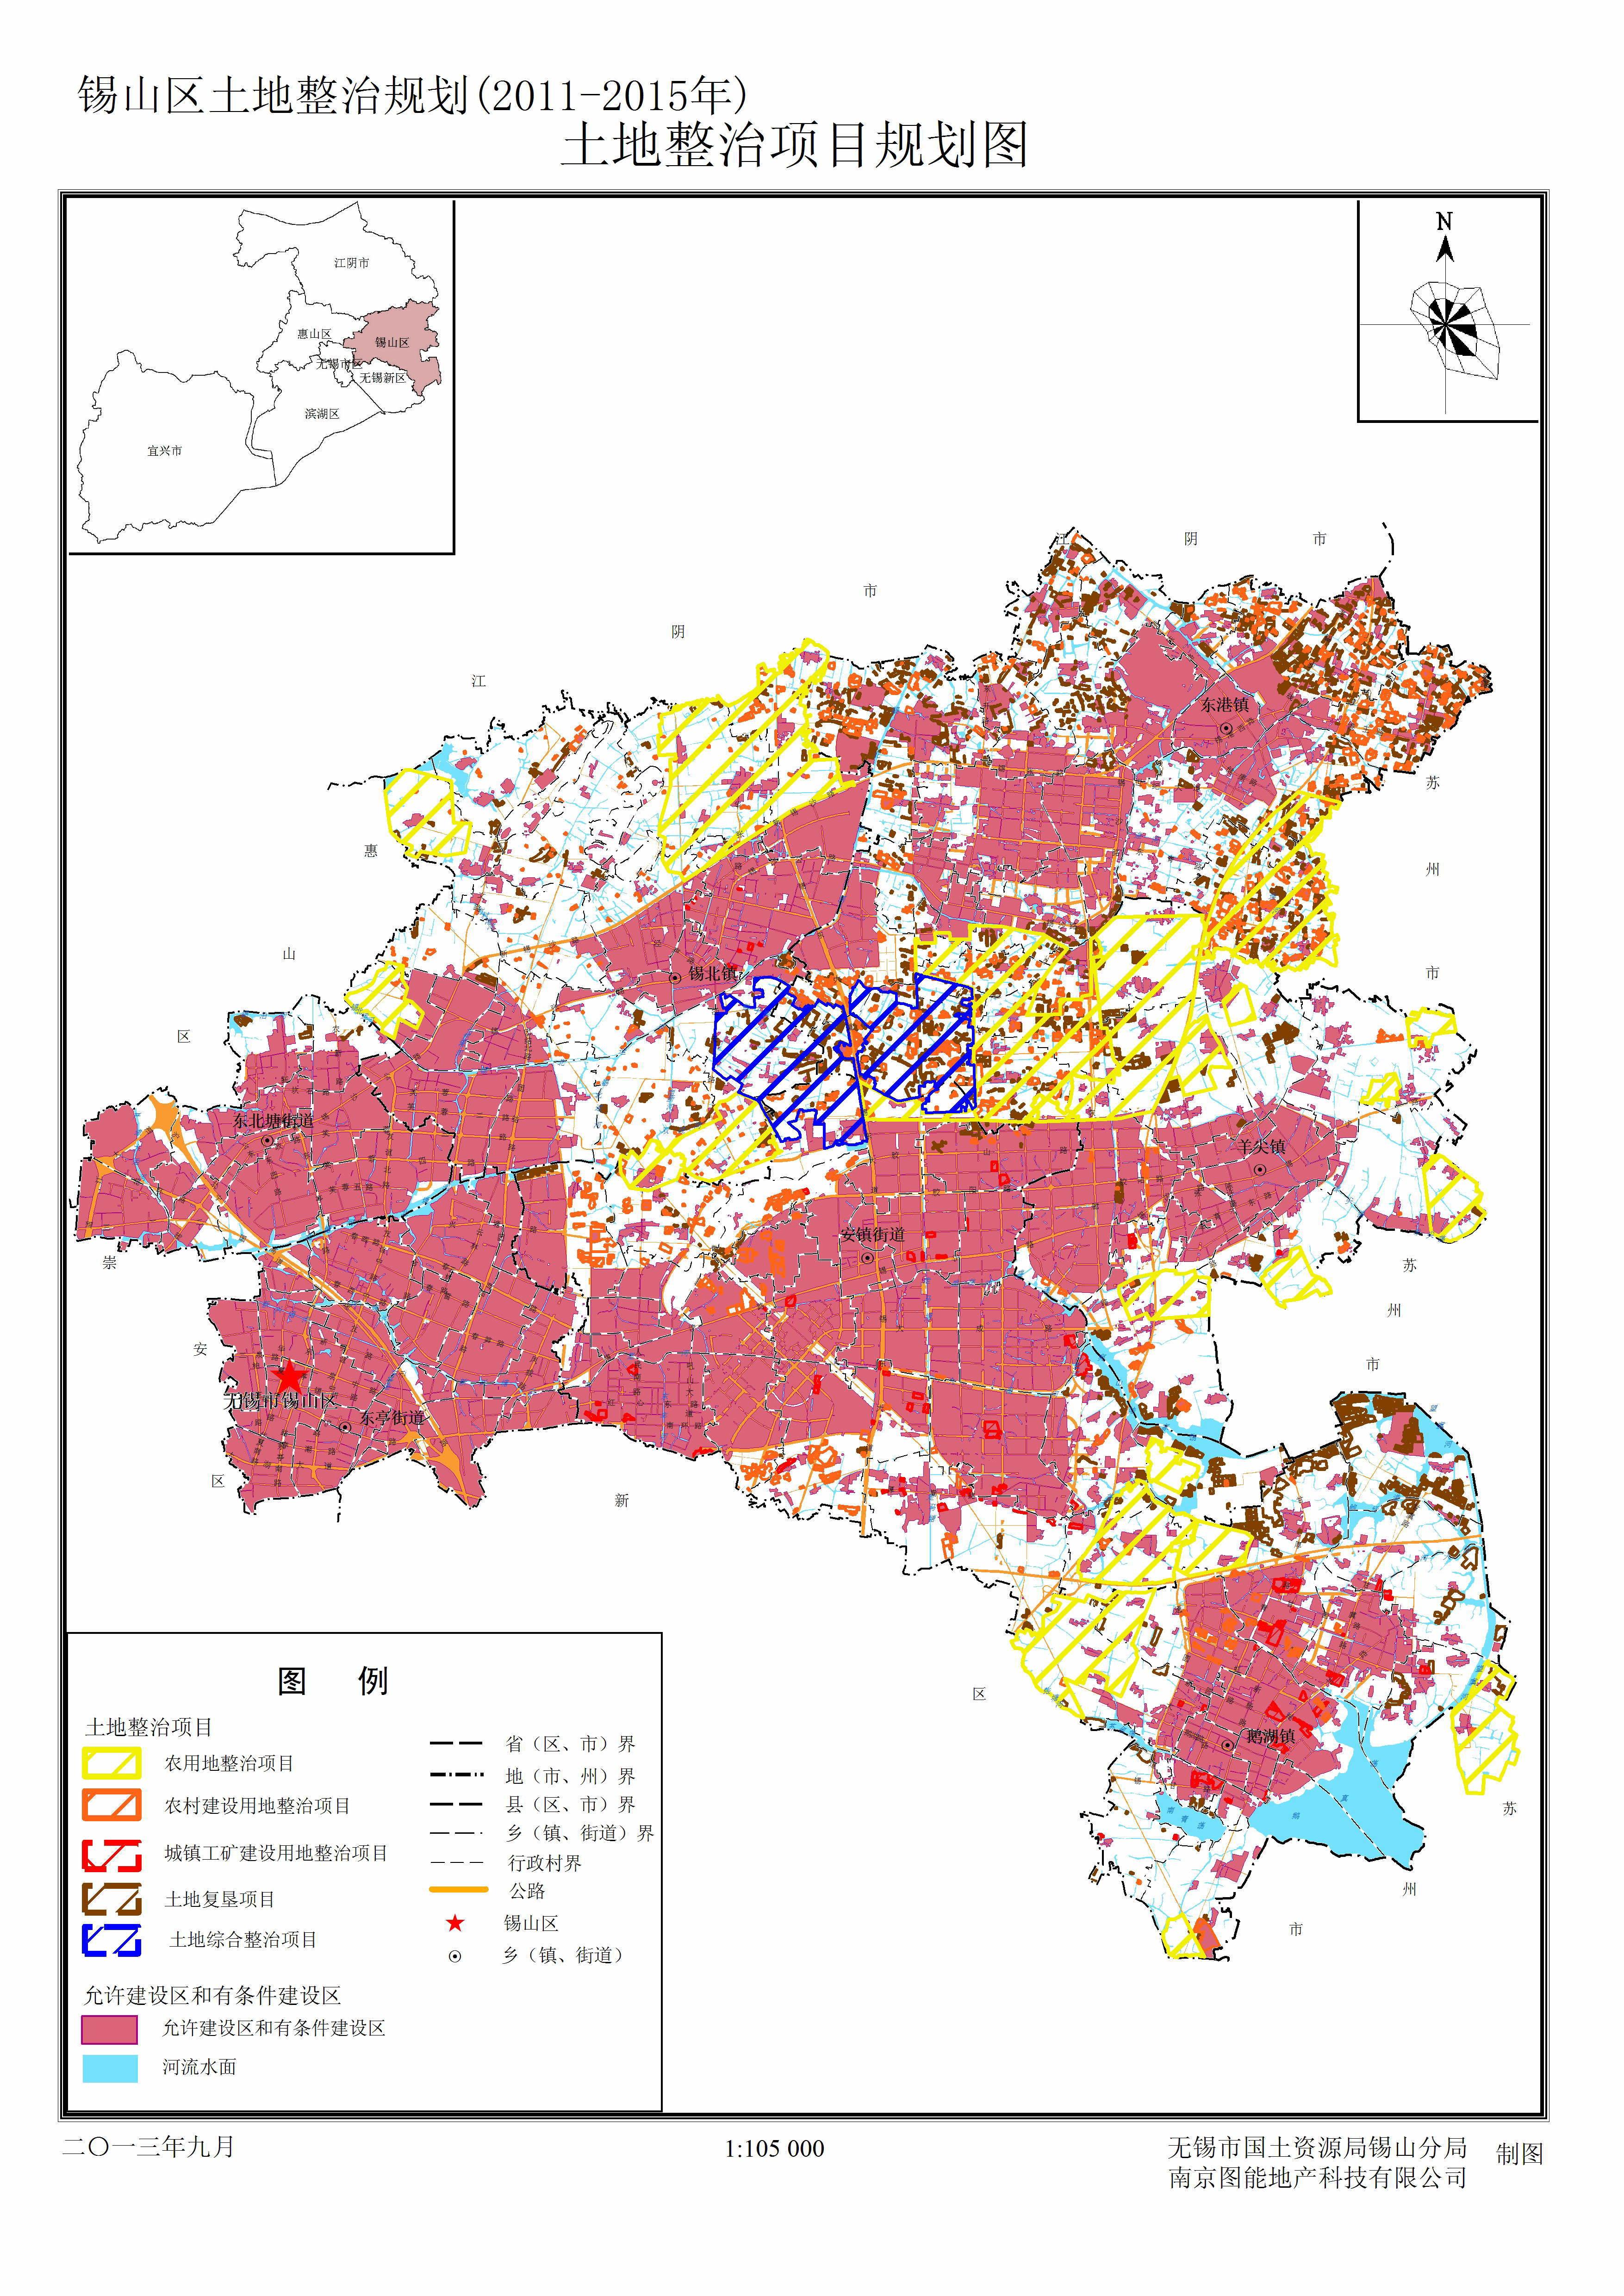 8土地整治项目规划图A3-1_看图王_看图王